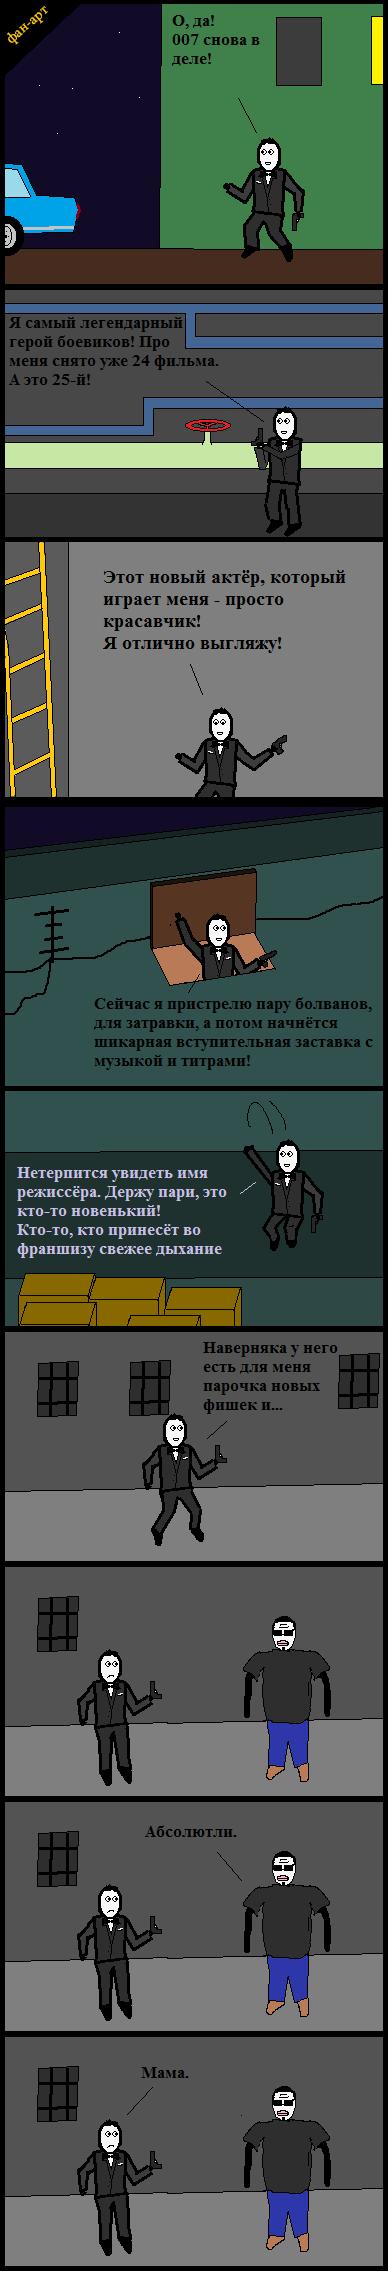 Водочно-мартиничное Комиксы, Cynicmansion, Длиннопост, Курицын